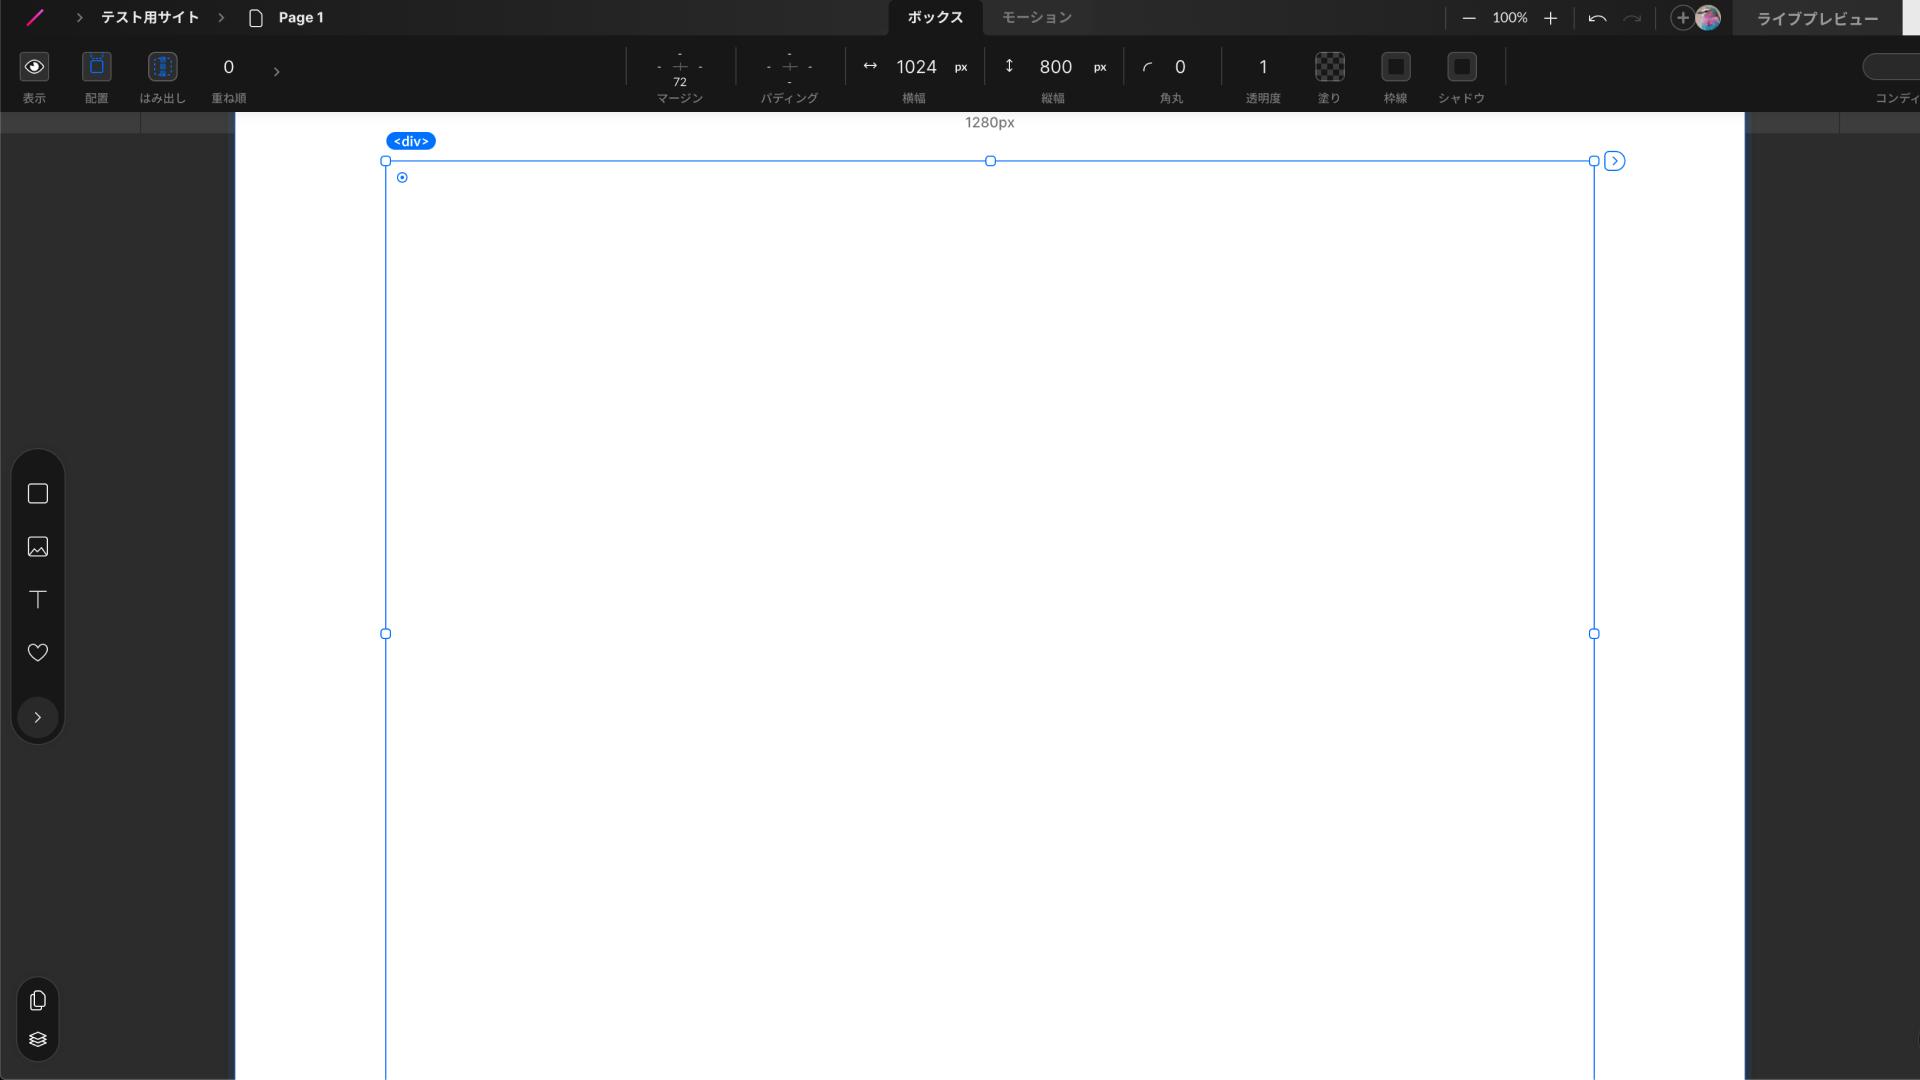 デザイン編集画面のスクリーンショット